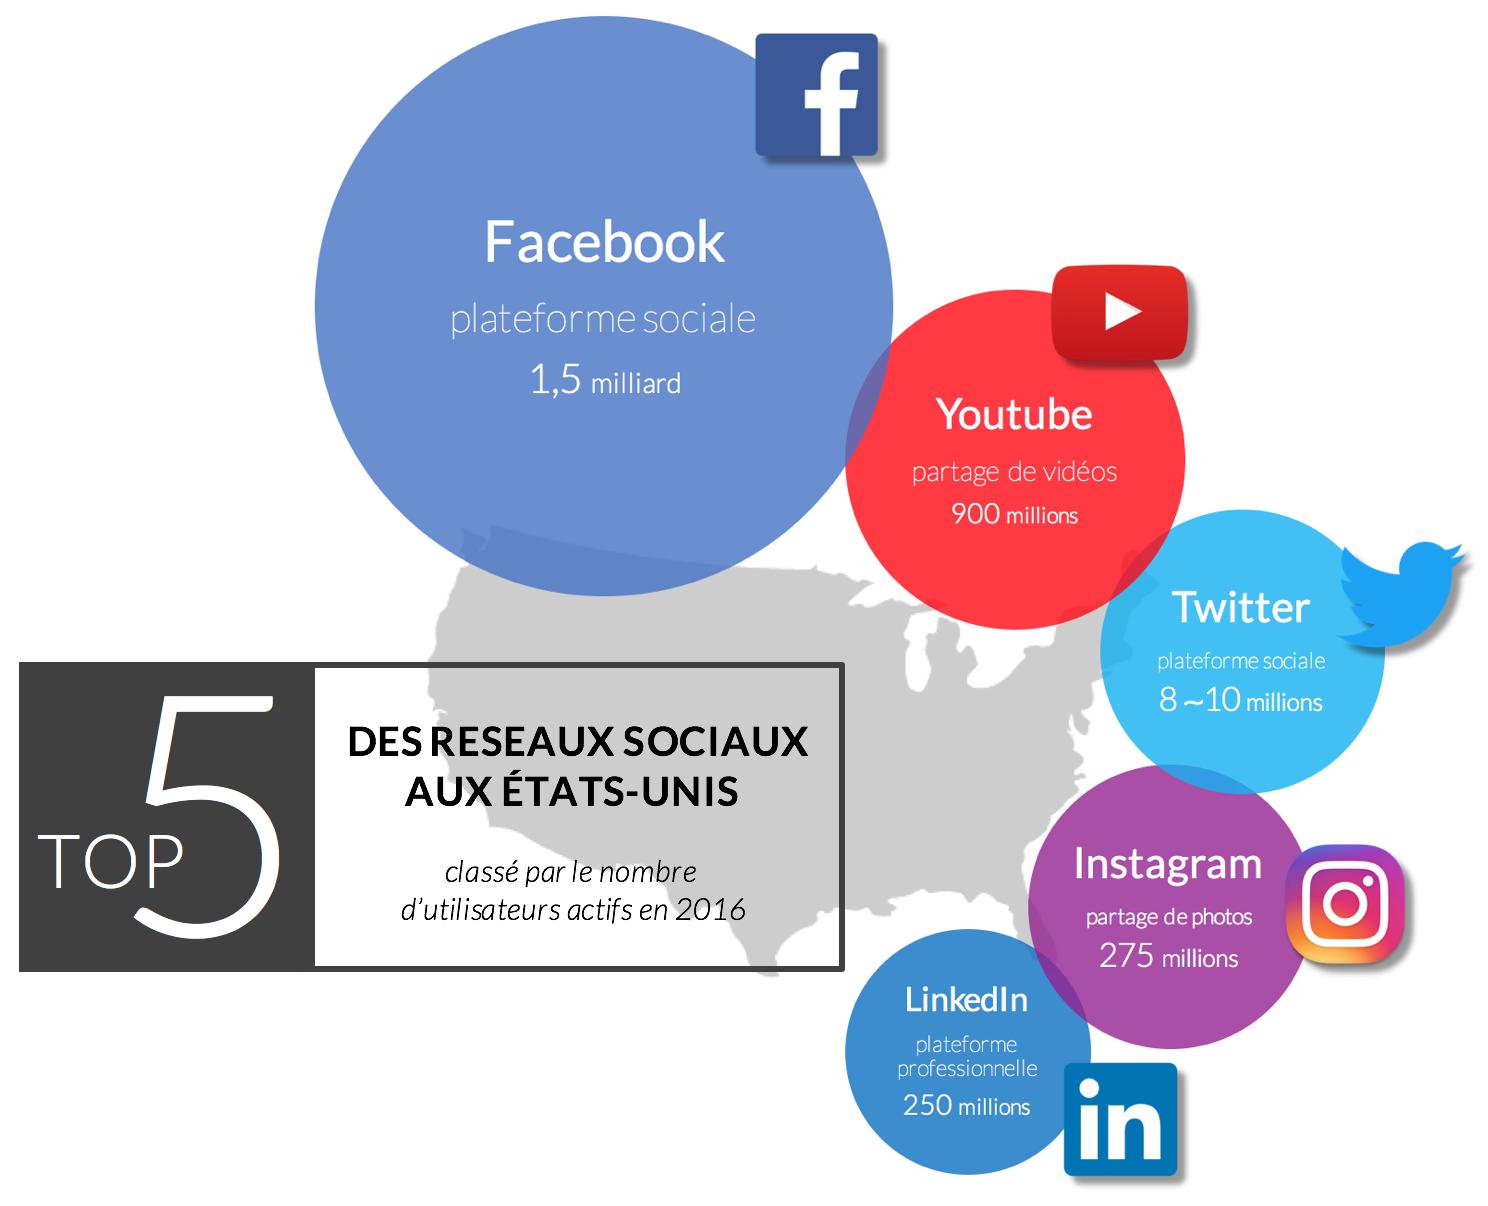 infographie-meilleurs-réseaux-sociaux-états-unis